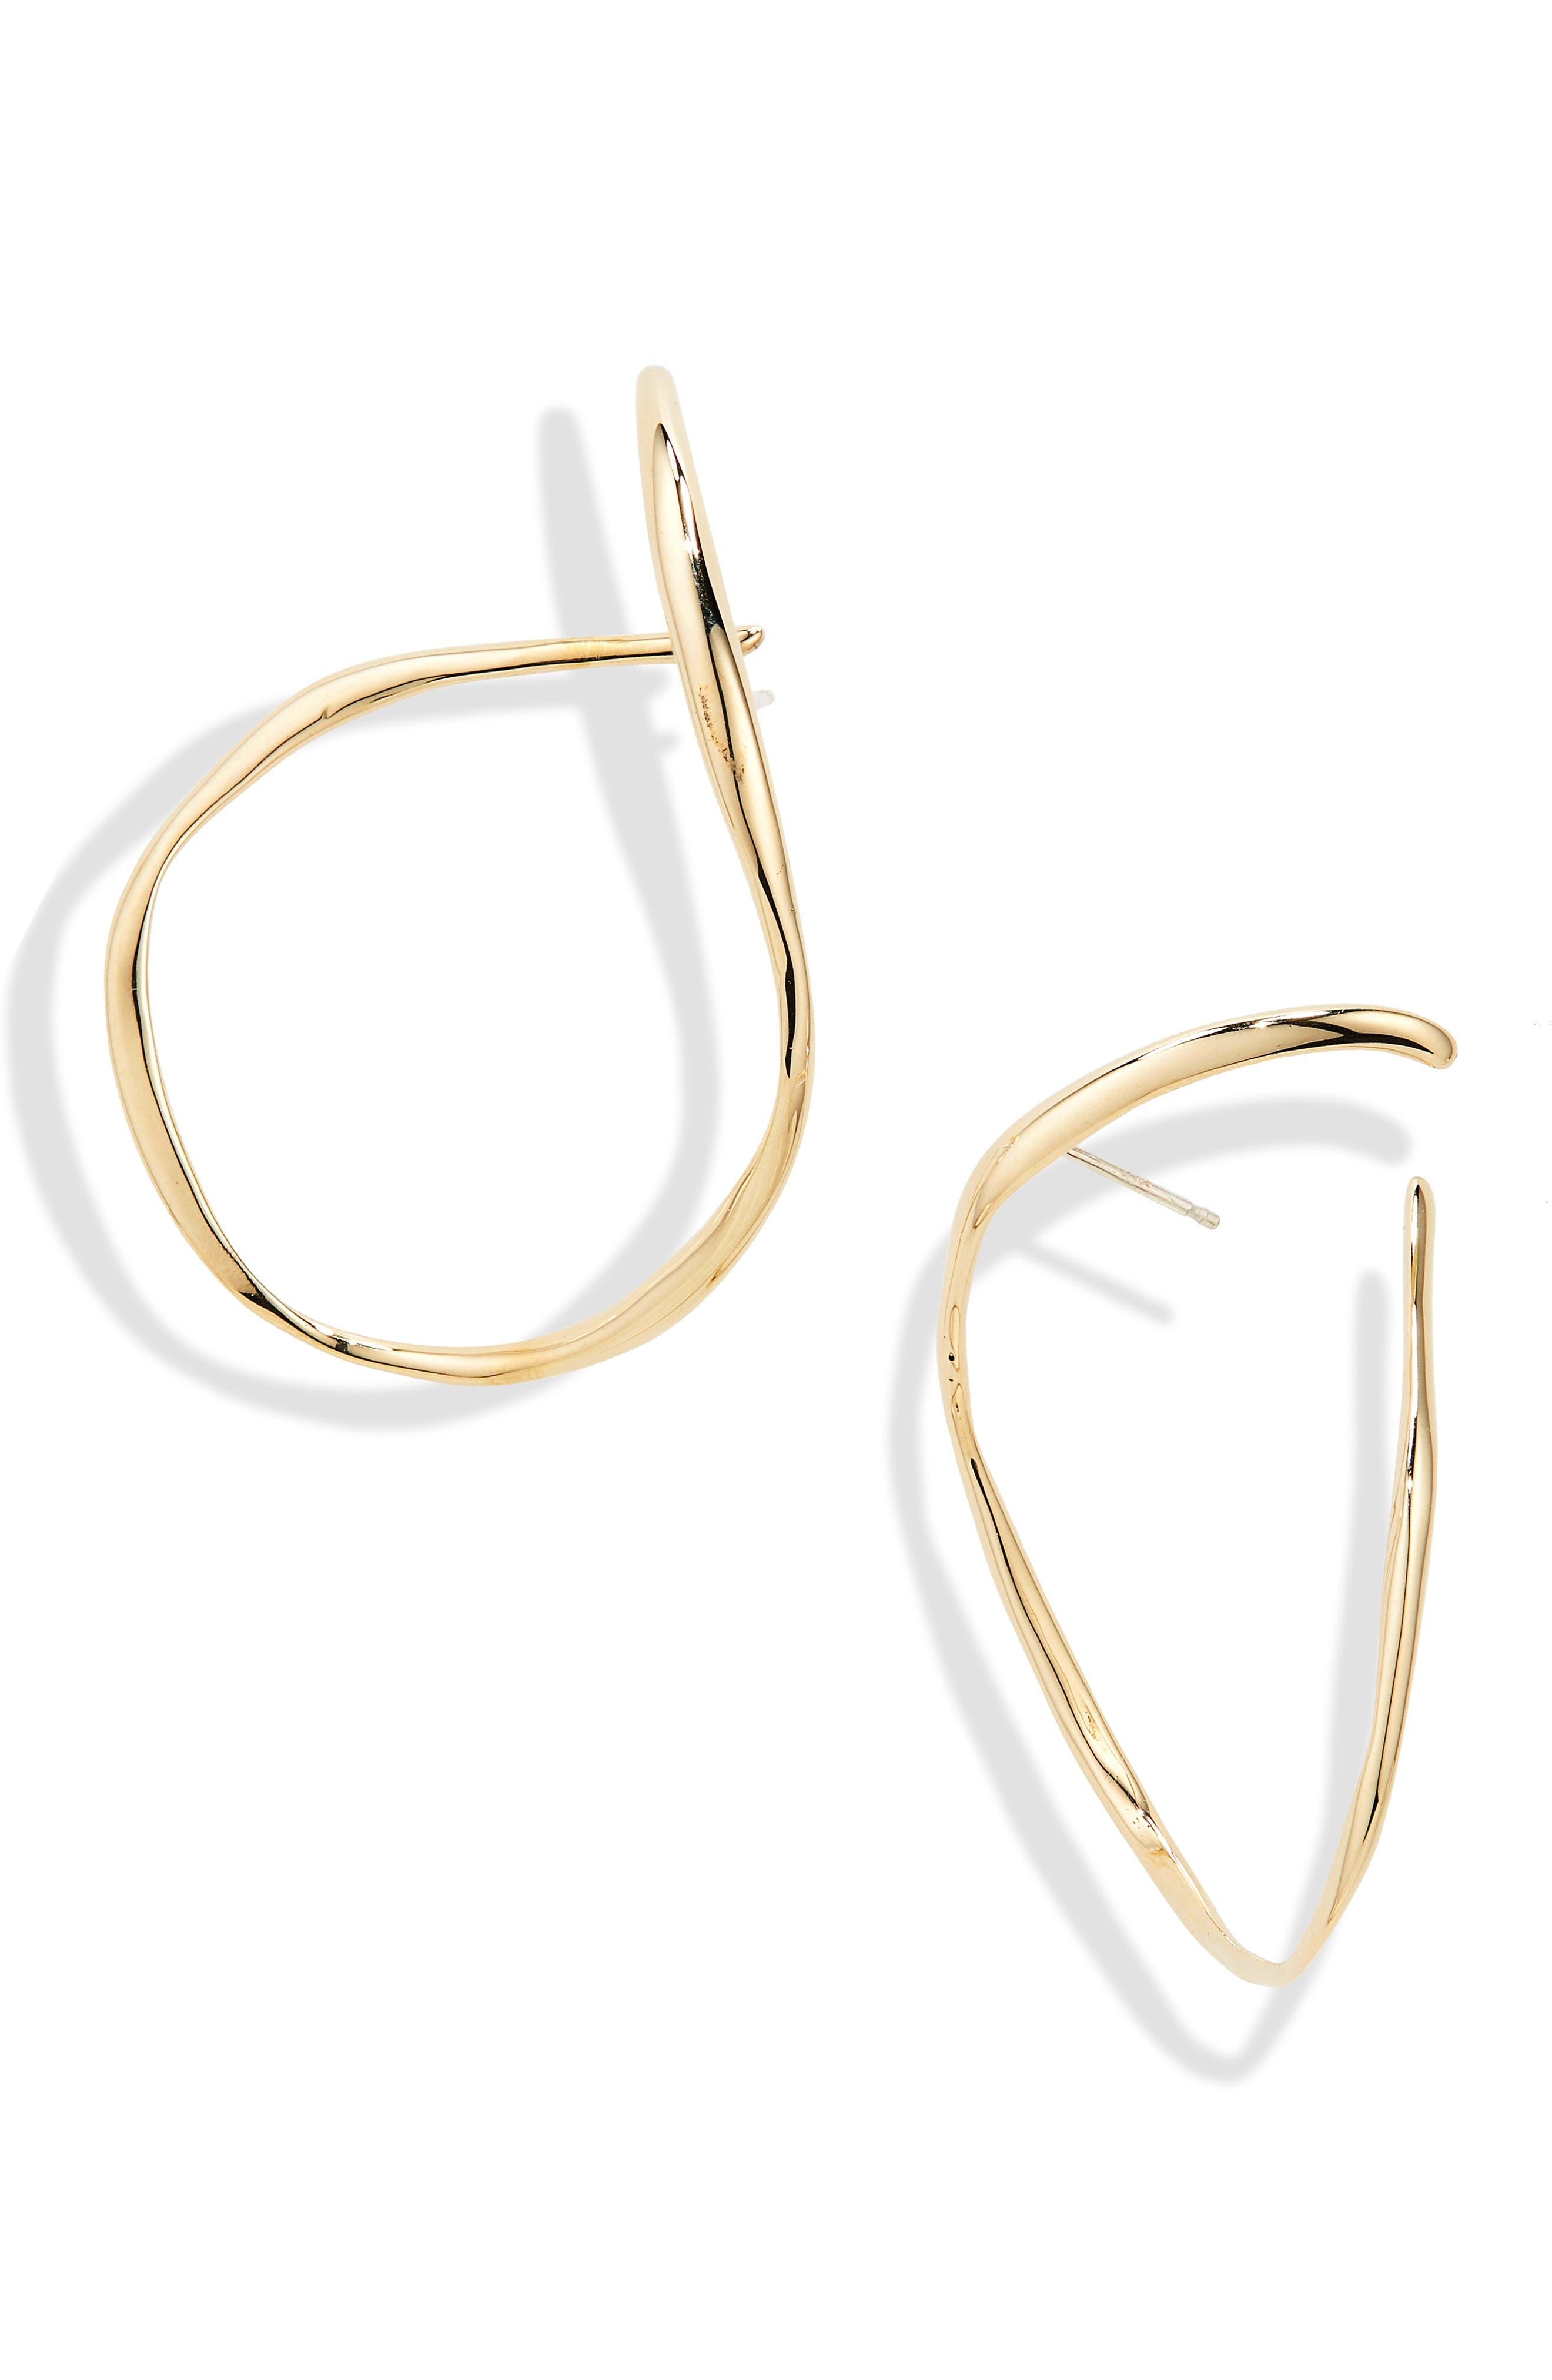 Slink Hoop Earrings